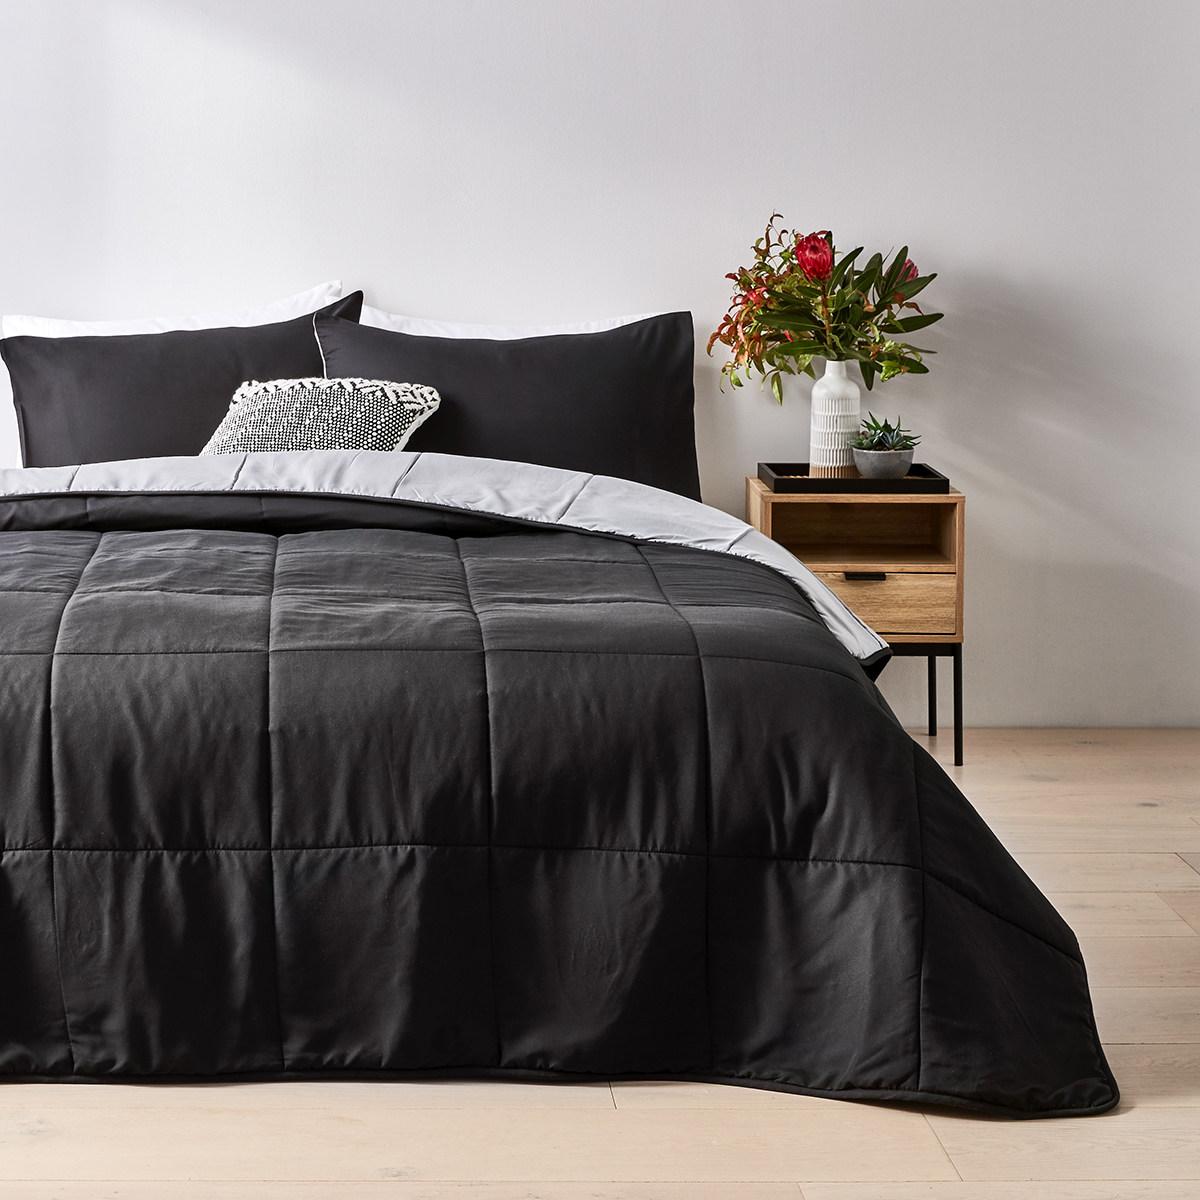 Reversible Comforter Set Single Bed Black Kmart